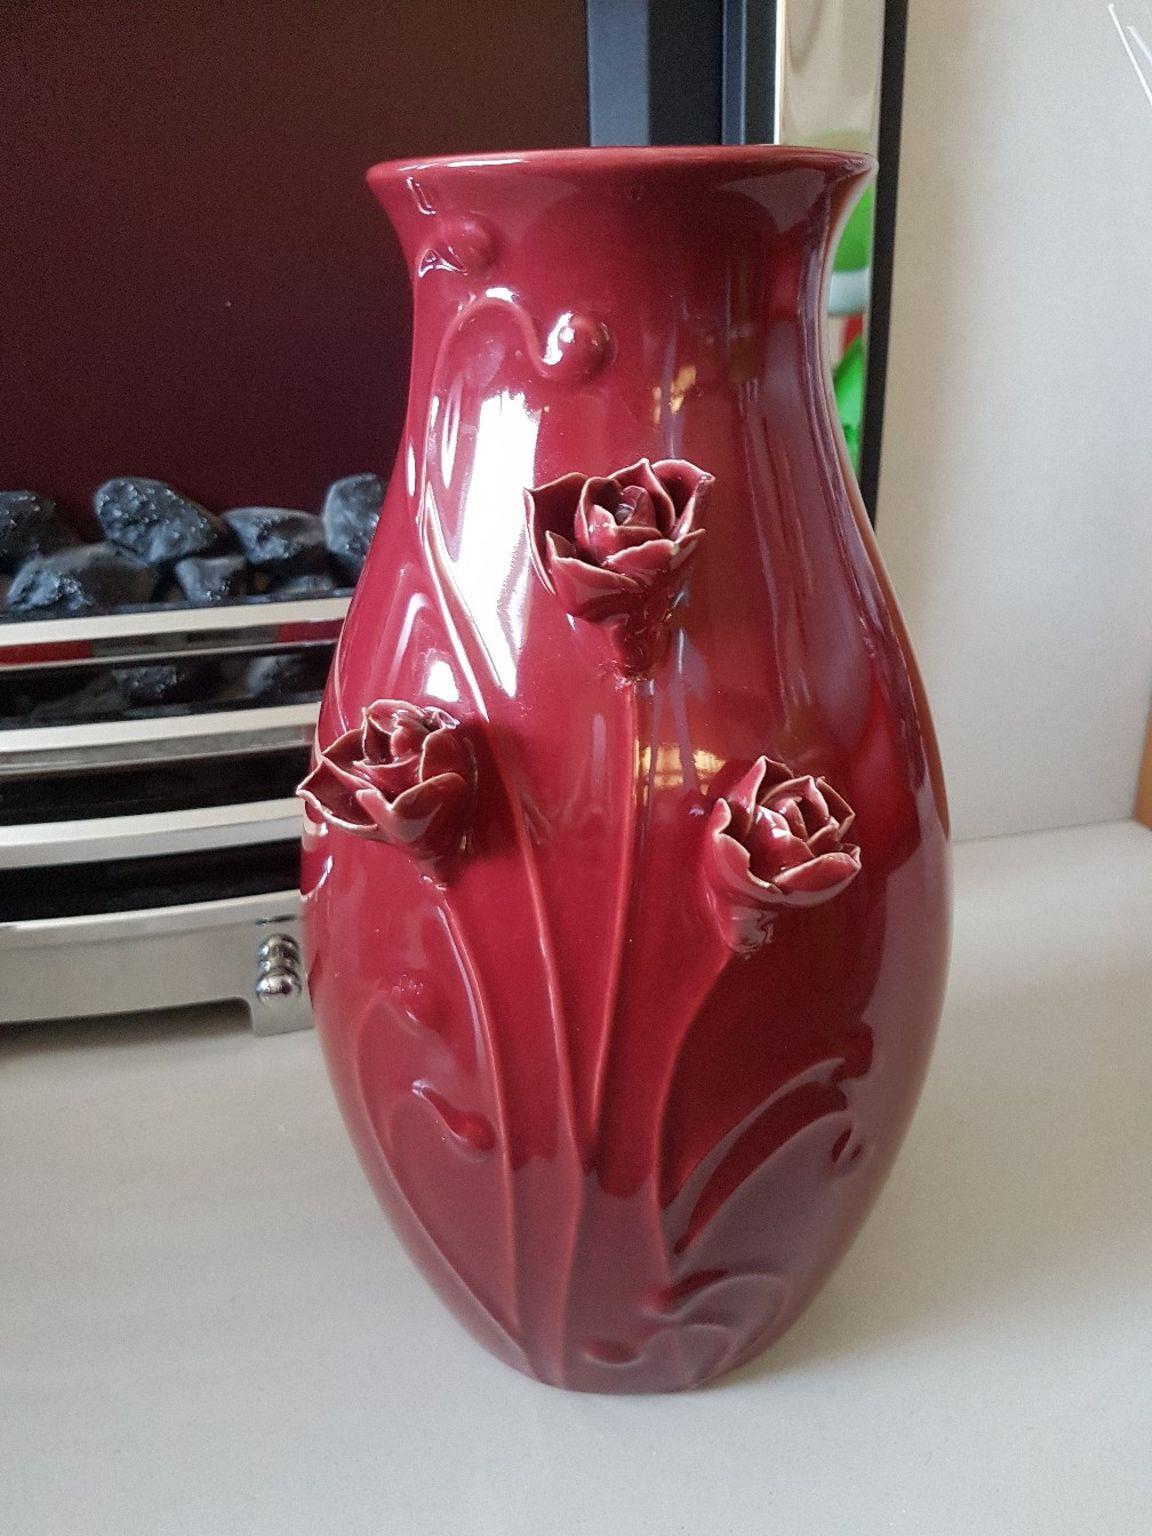 Atlantis Crystal Vase Of Https En Shpock Com I Wsxasncryfekelgf 2017 06 11t171200 Pertaining to Vase 5740b29e